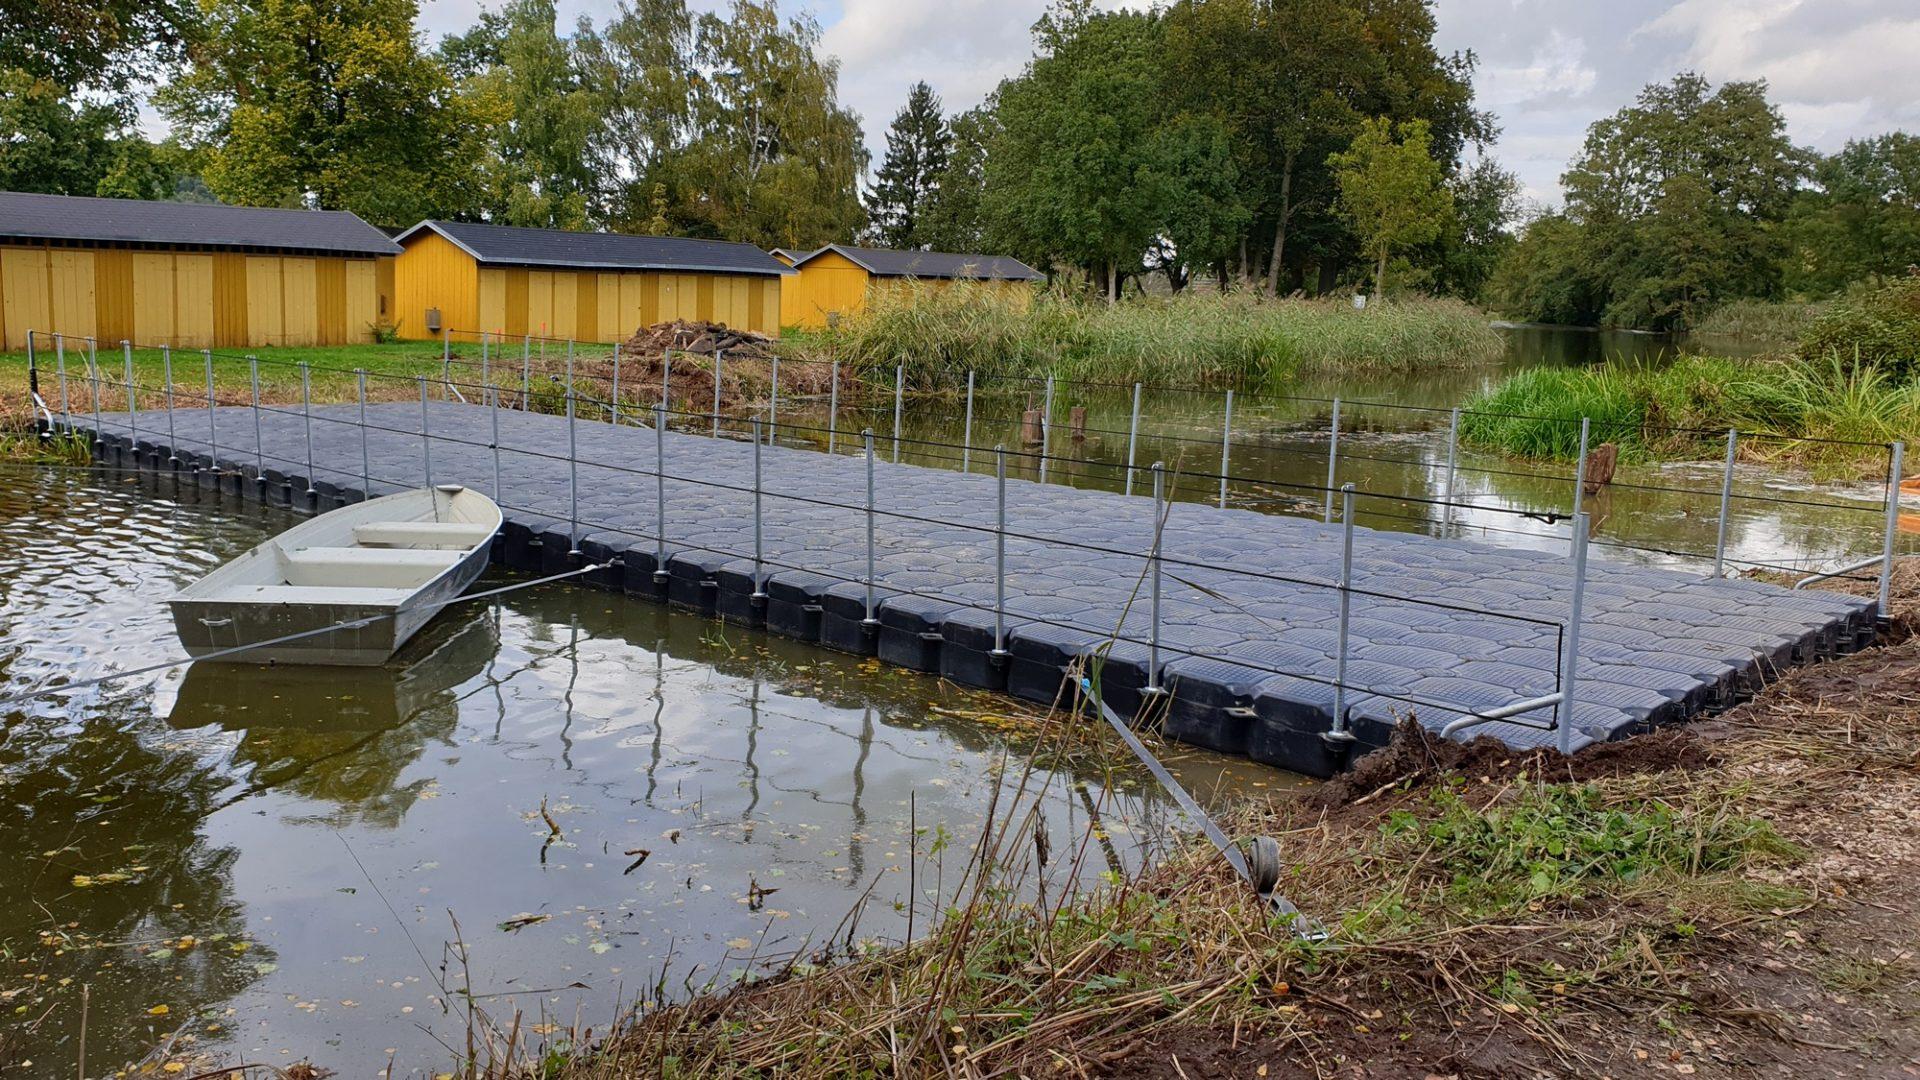 Pontonbrücke für Baugeräte zur Uferüberquerung